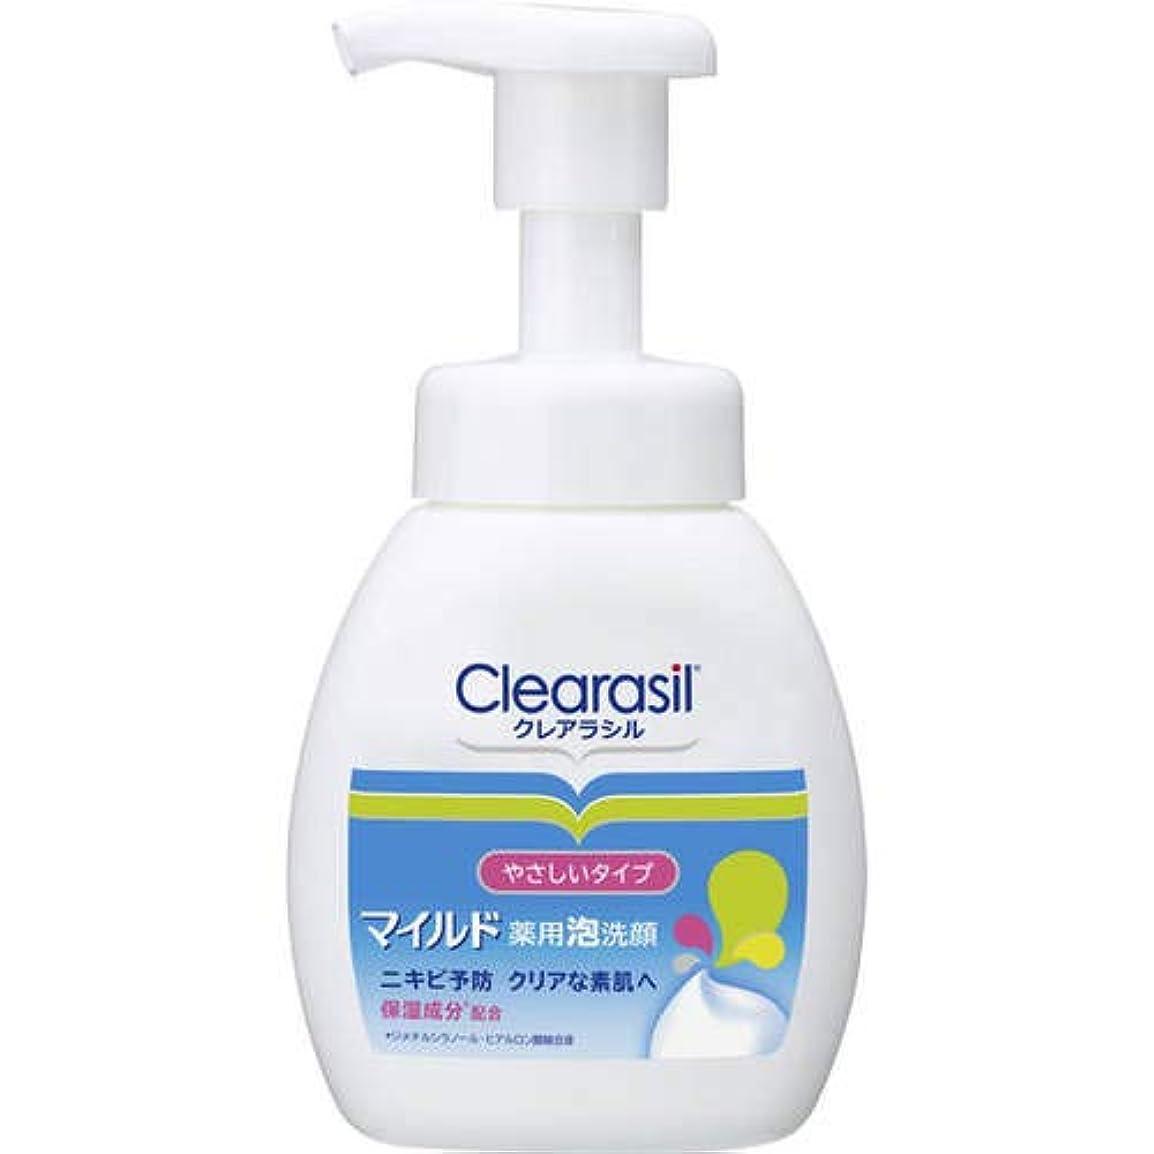 雷雨小人パスクレアラシル 薬用 泡洗顔フォーム マイルドタイプ 200ml